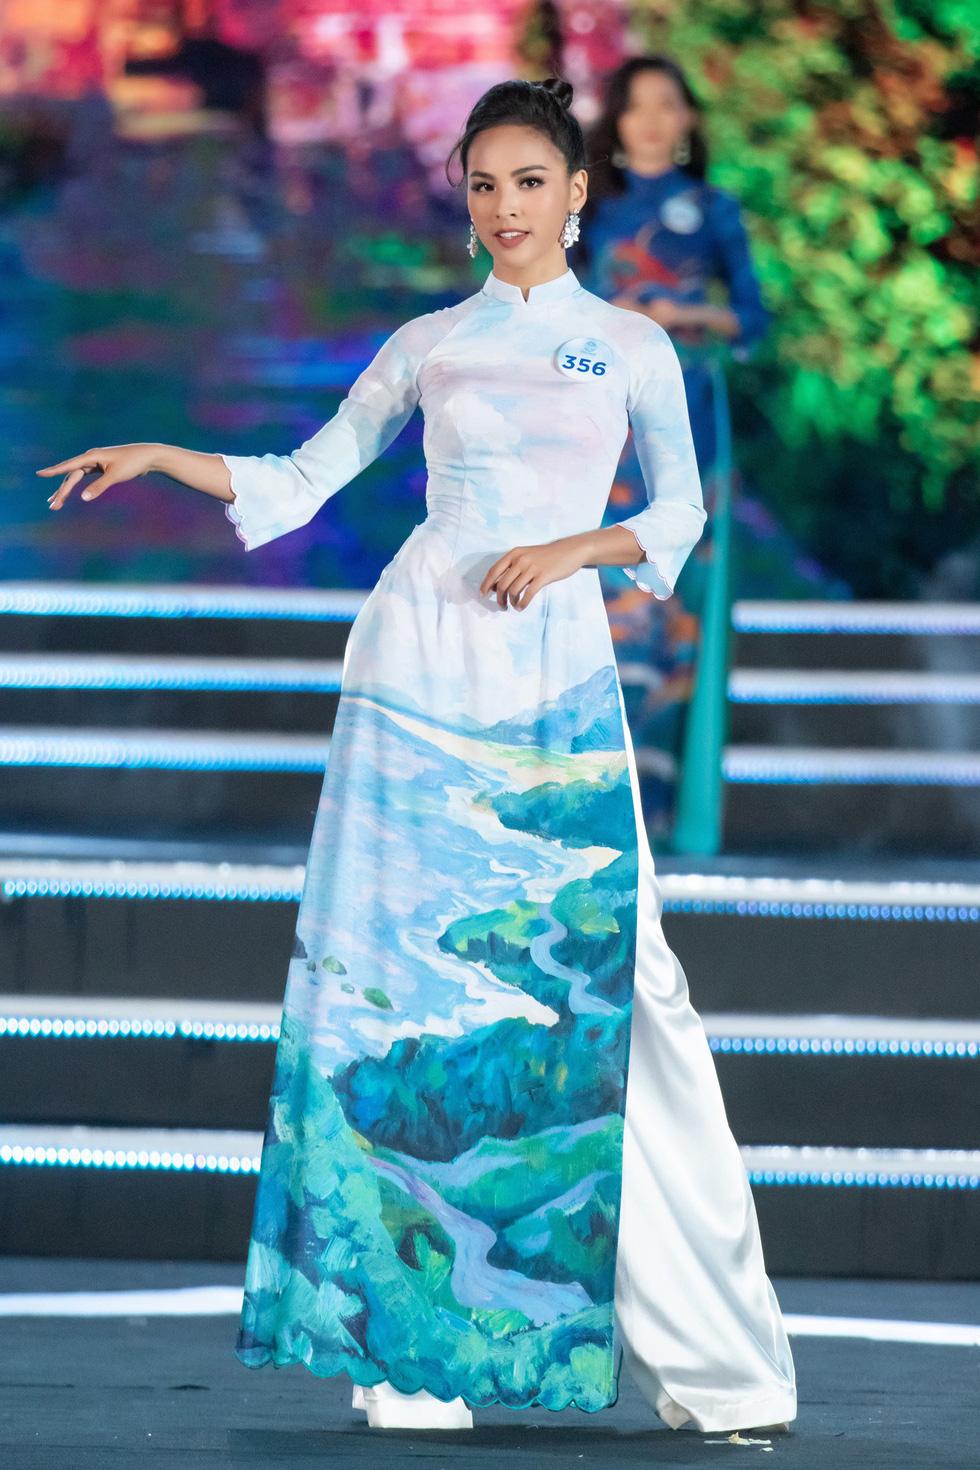 Bộ sưu tập áo dài đèo Hải Vân giúp Lương Thùy Linh đăng quang - Ảnh 2.